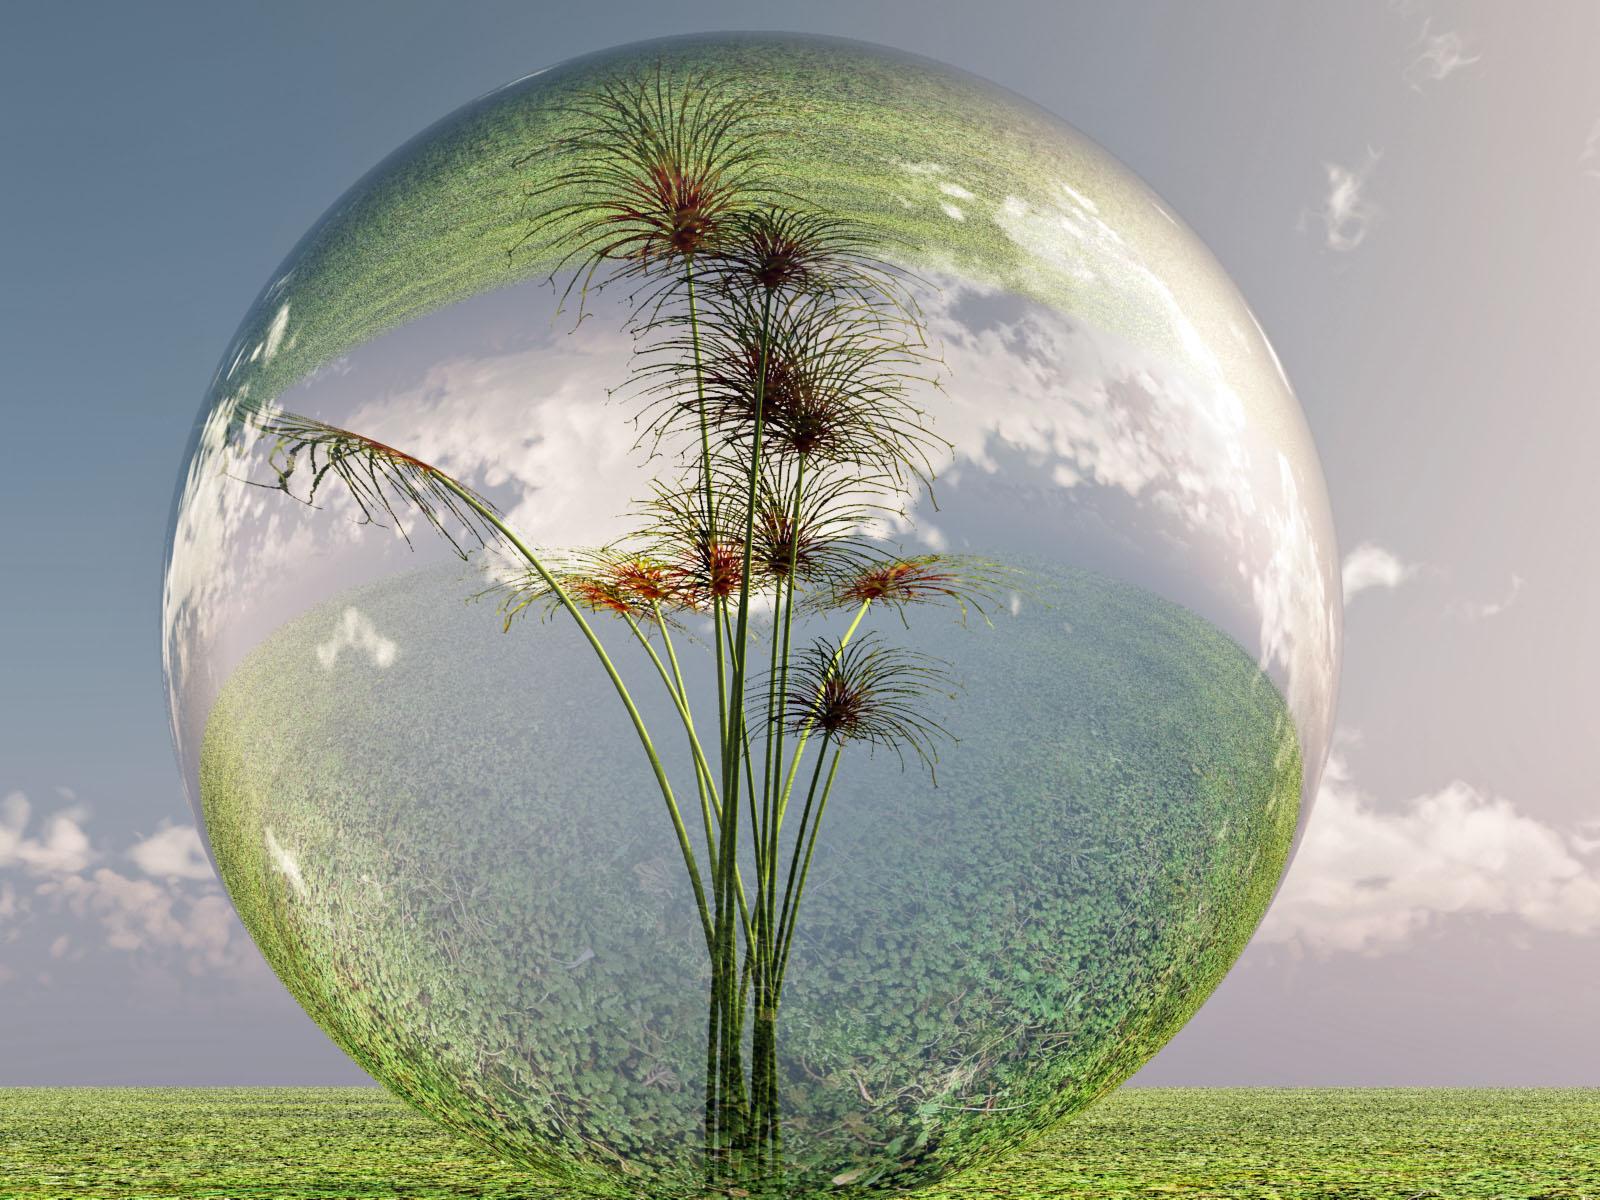 Transmutation..... à la recherche de la paix intérieure ..... ( 4 ) - Page 3 Bulle_de_nature__by_michel_de_lorient-d4cawzv